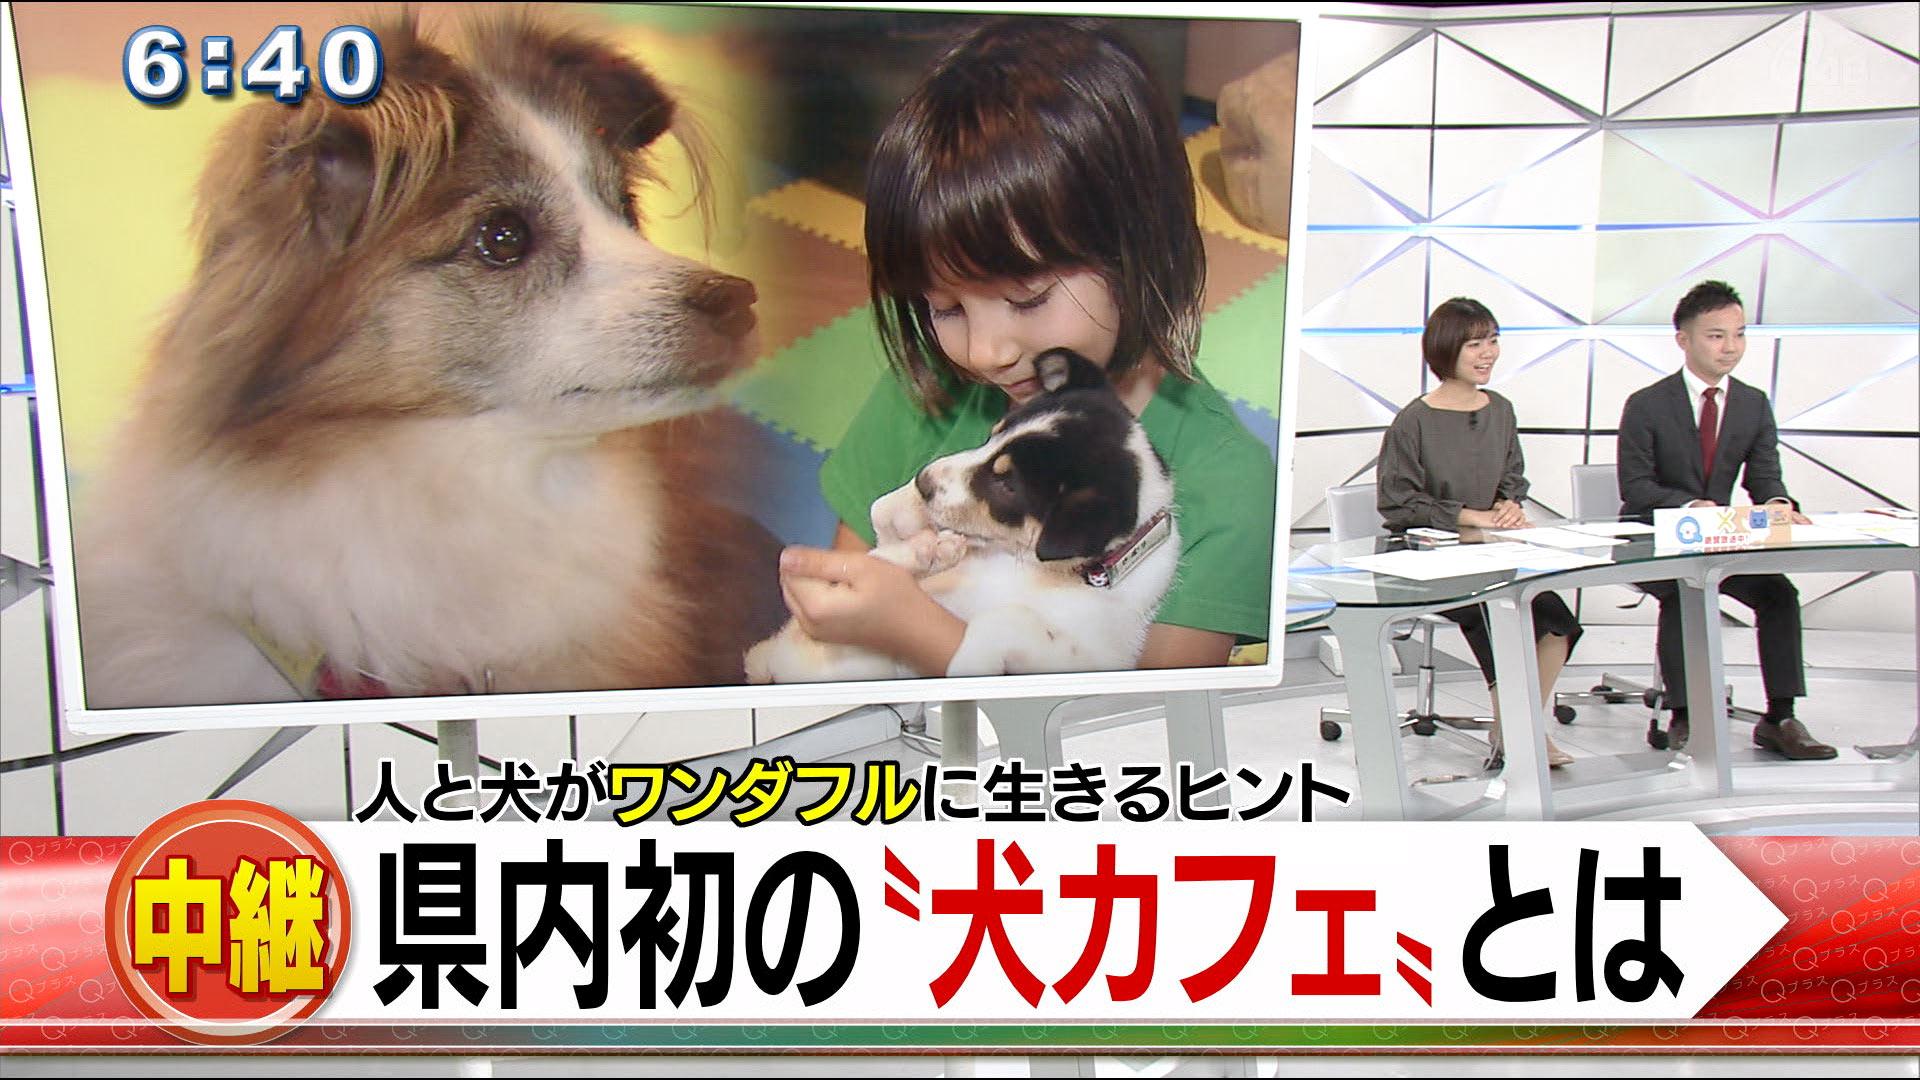 中継 犬かふぇ「ワンダフル」